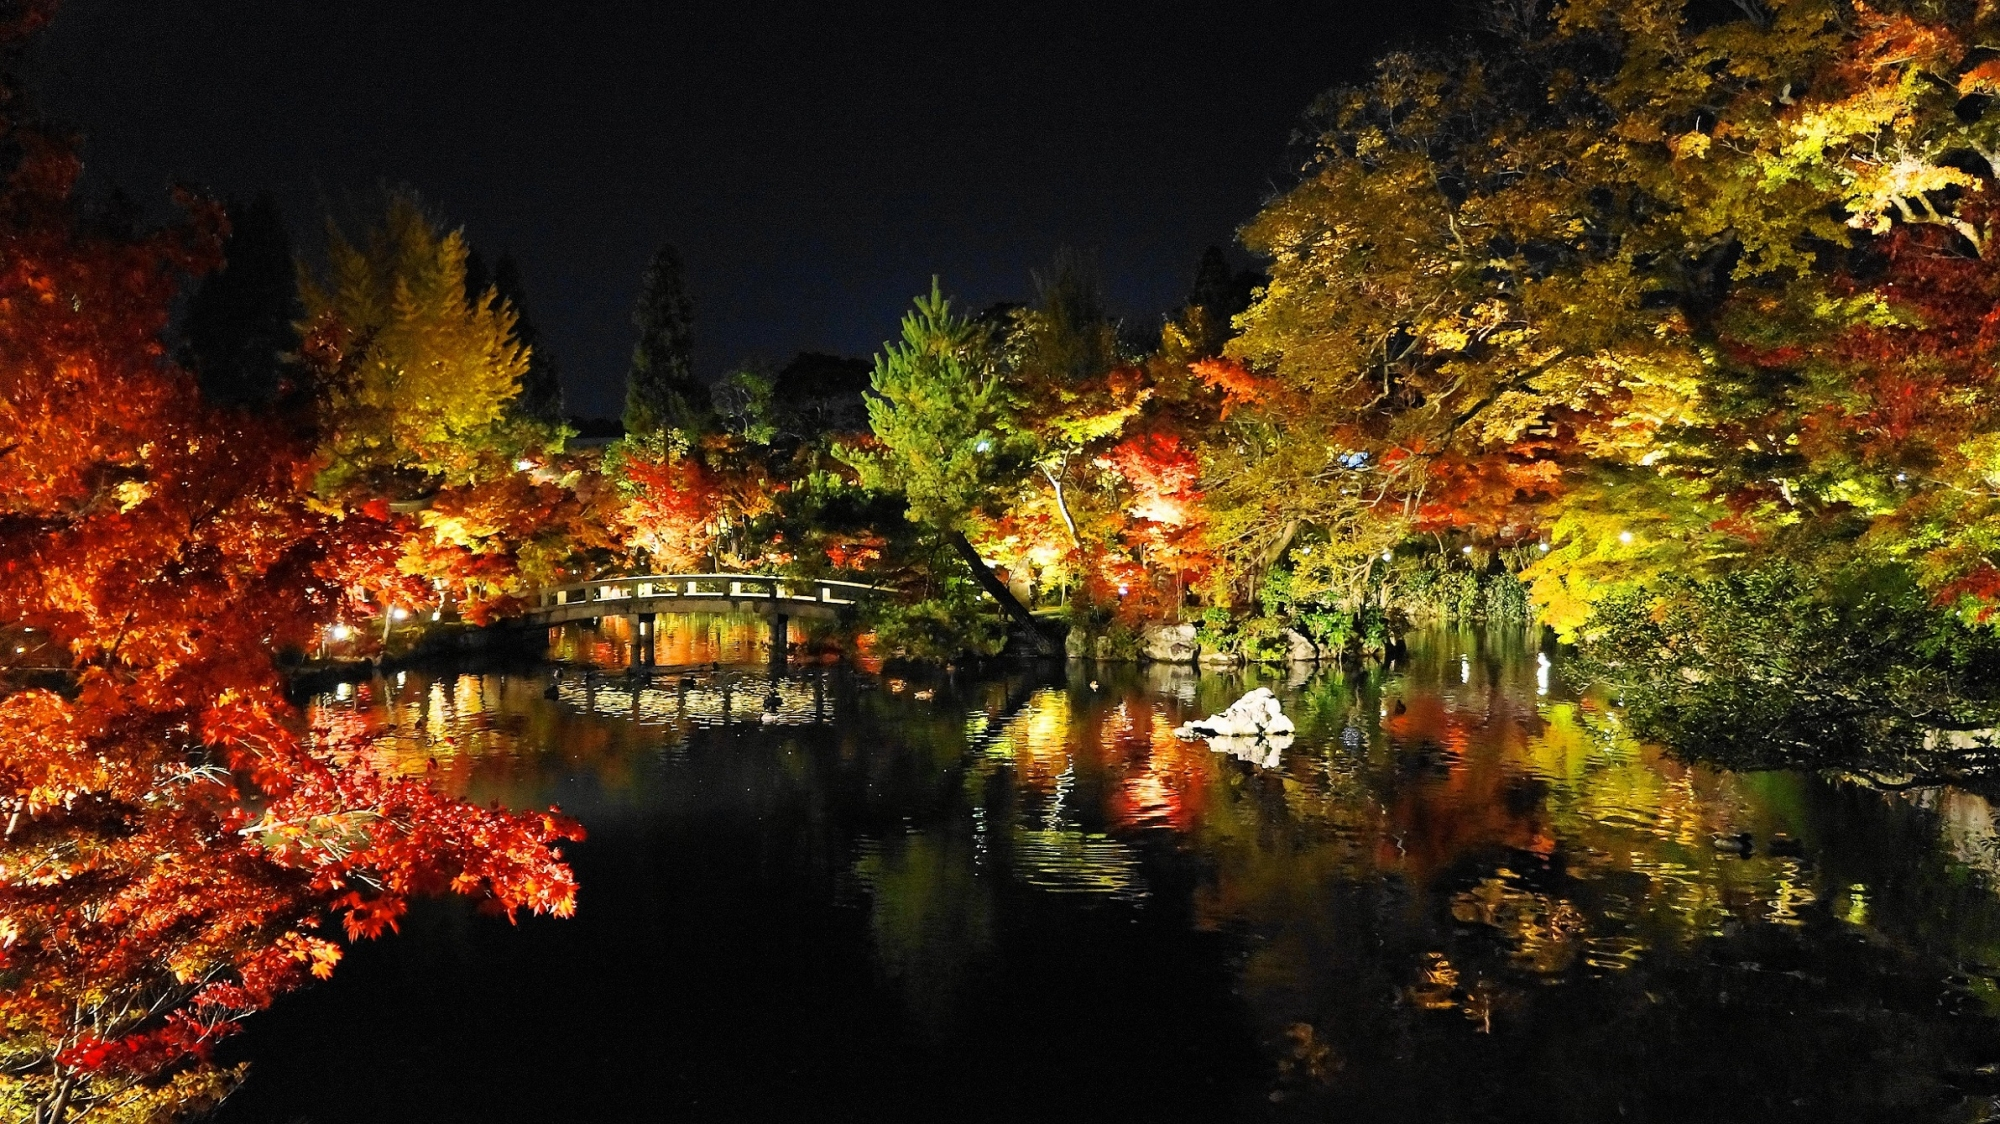 京都のもみじの永観堂の放生池の美しい紅葉ライトアップ